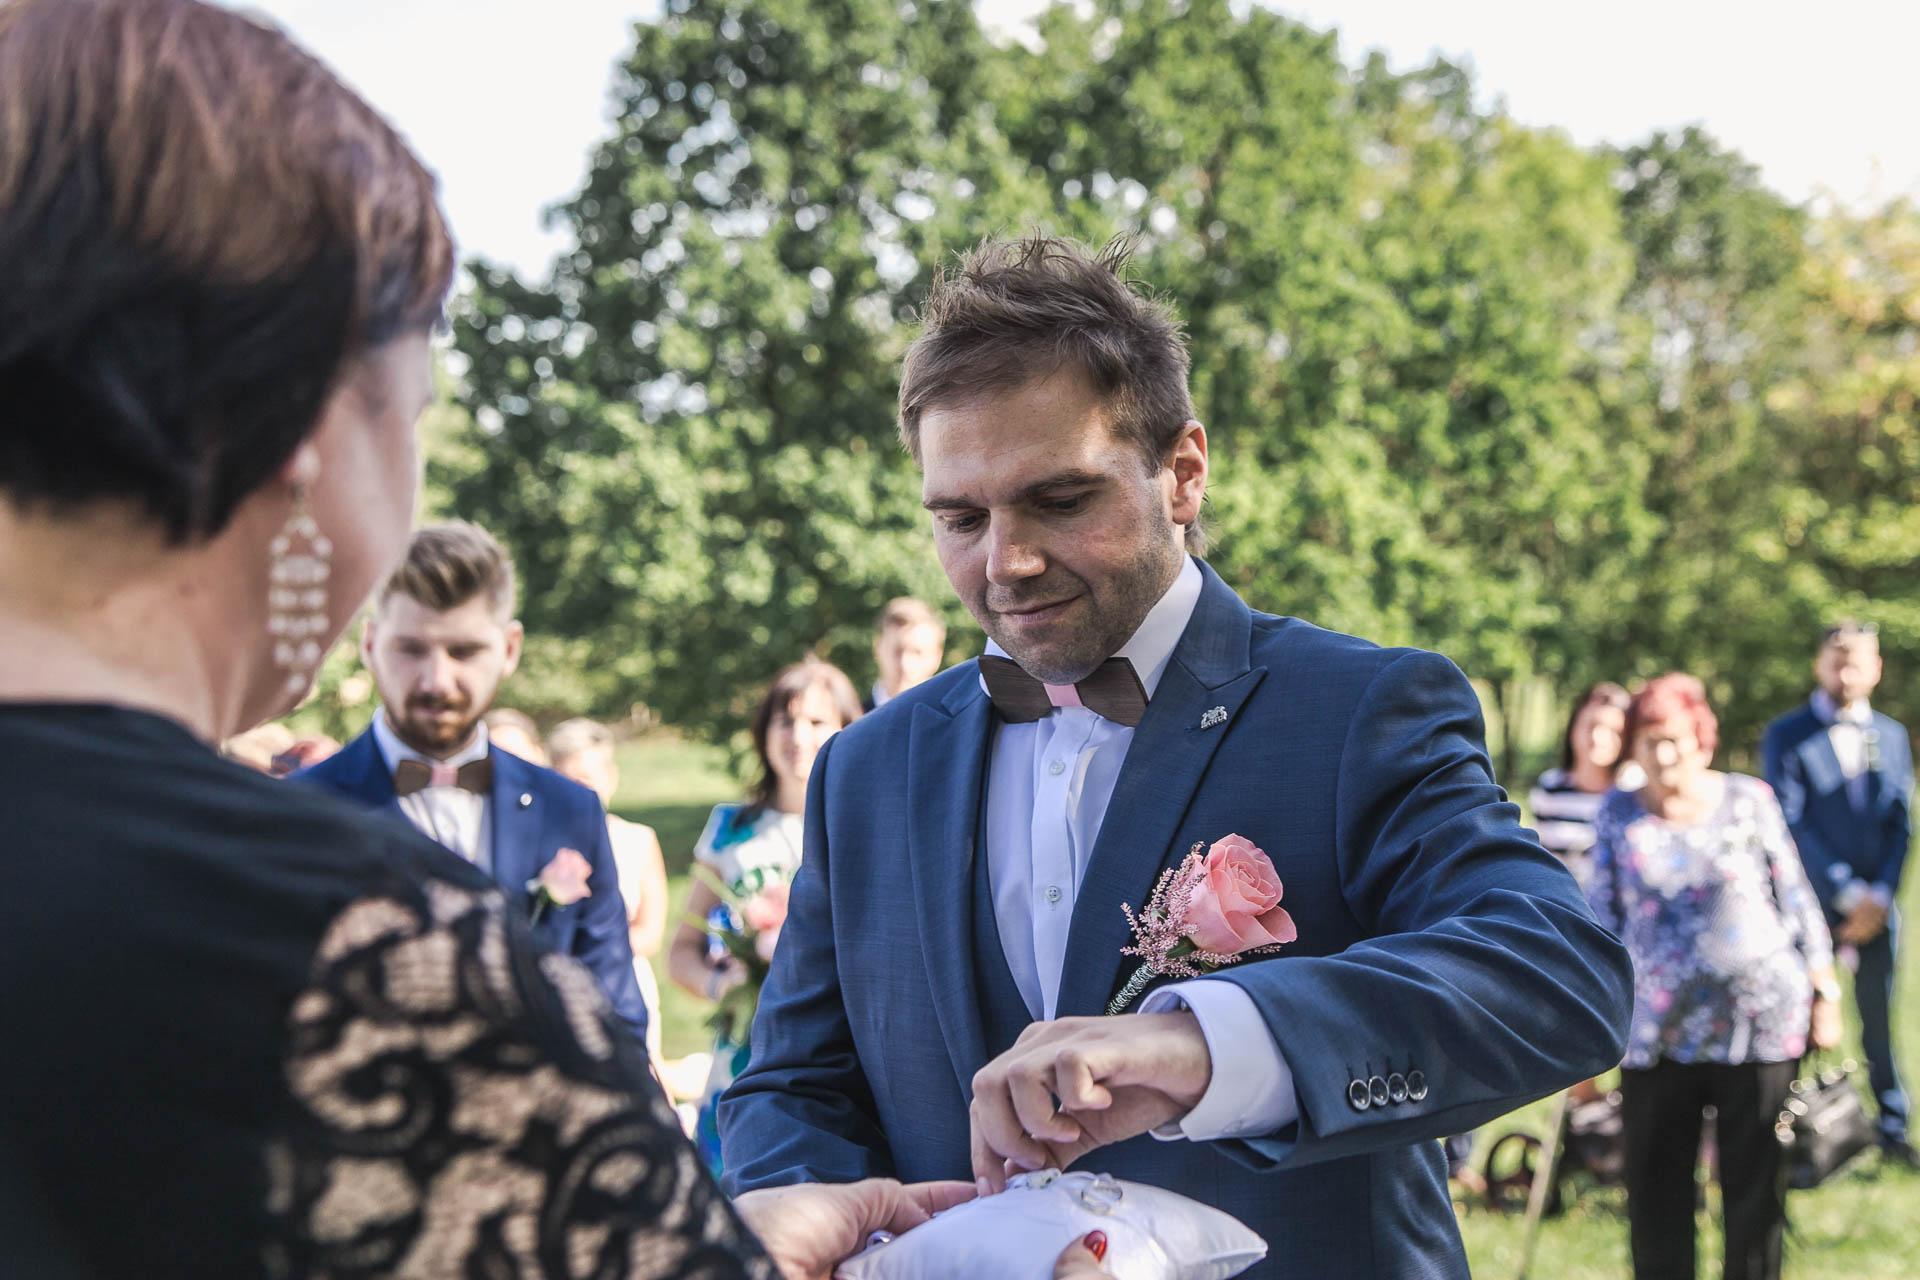 svatební-fotografie-Říp-svatební-video-ŘÍP-svatební-fotograf-ŘÍP-svatba-Mělník-svatba-Neratovice-fotograf-na-savtbu-kameraman-na-svatbu-111